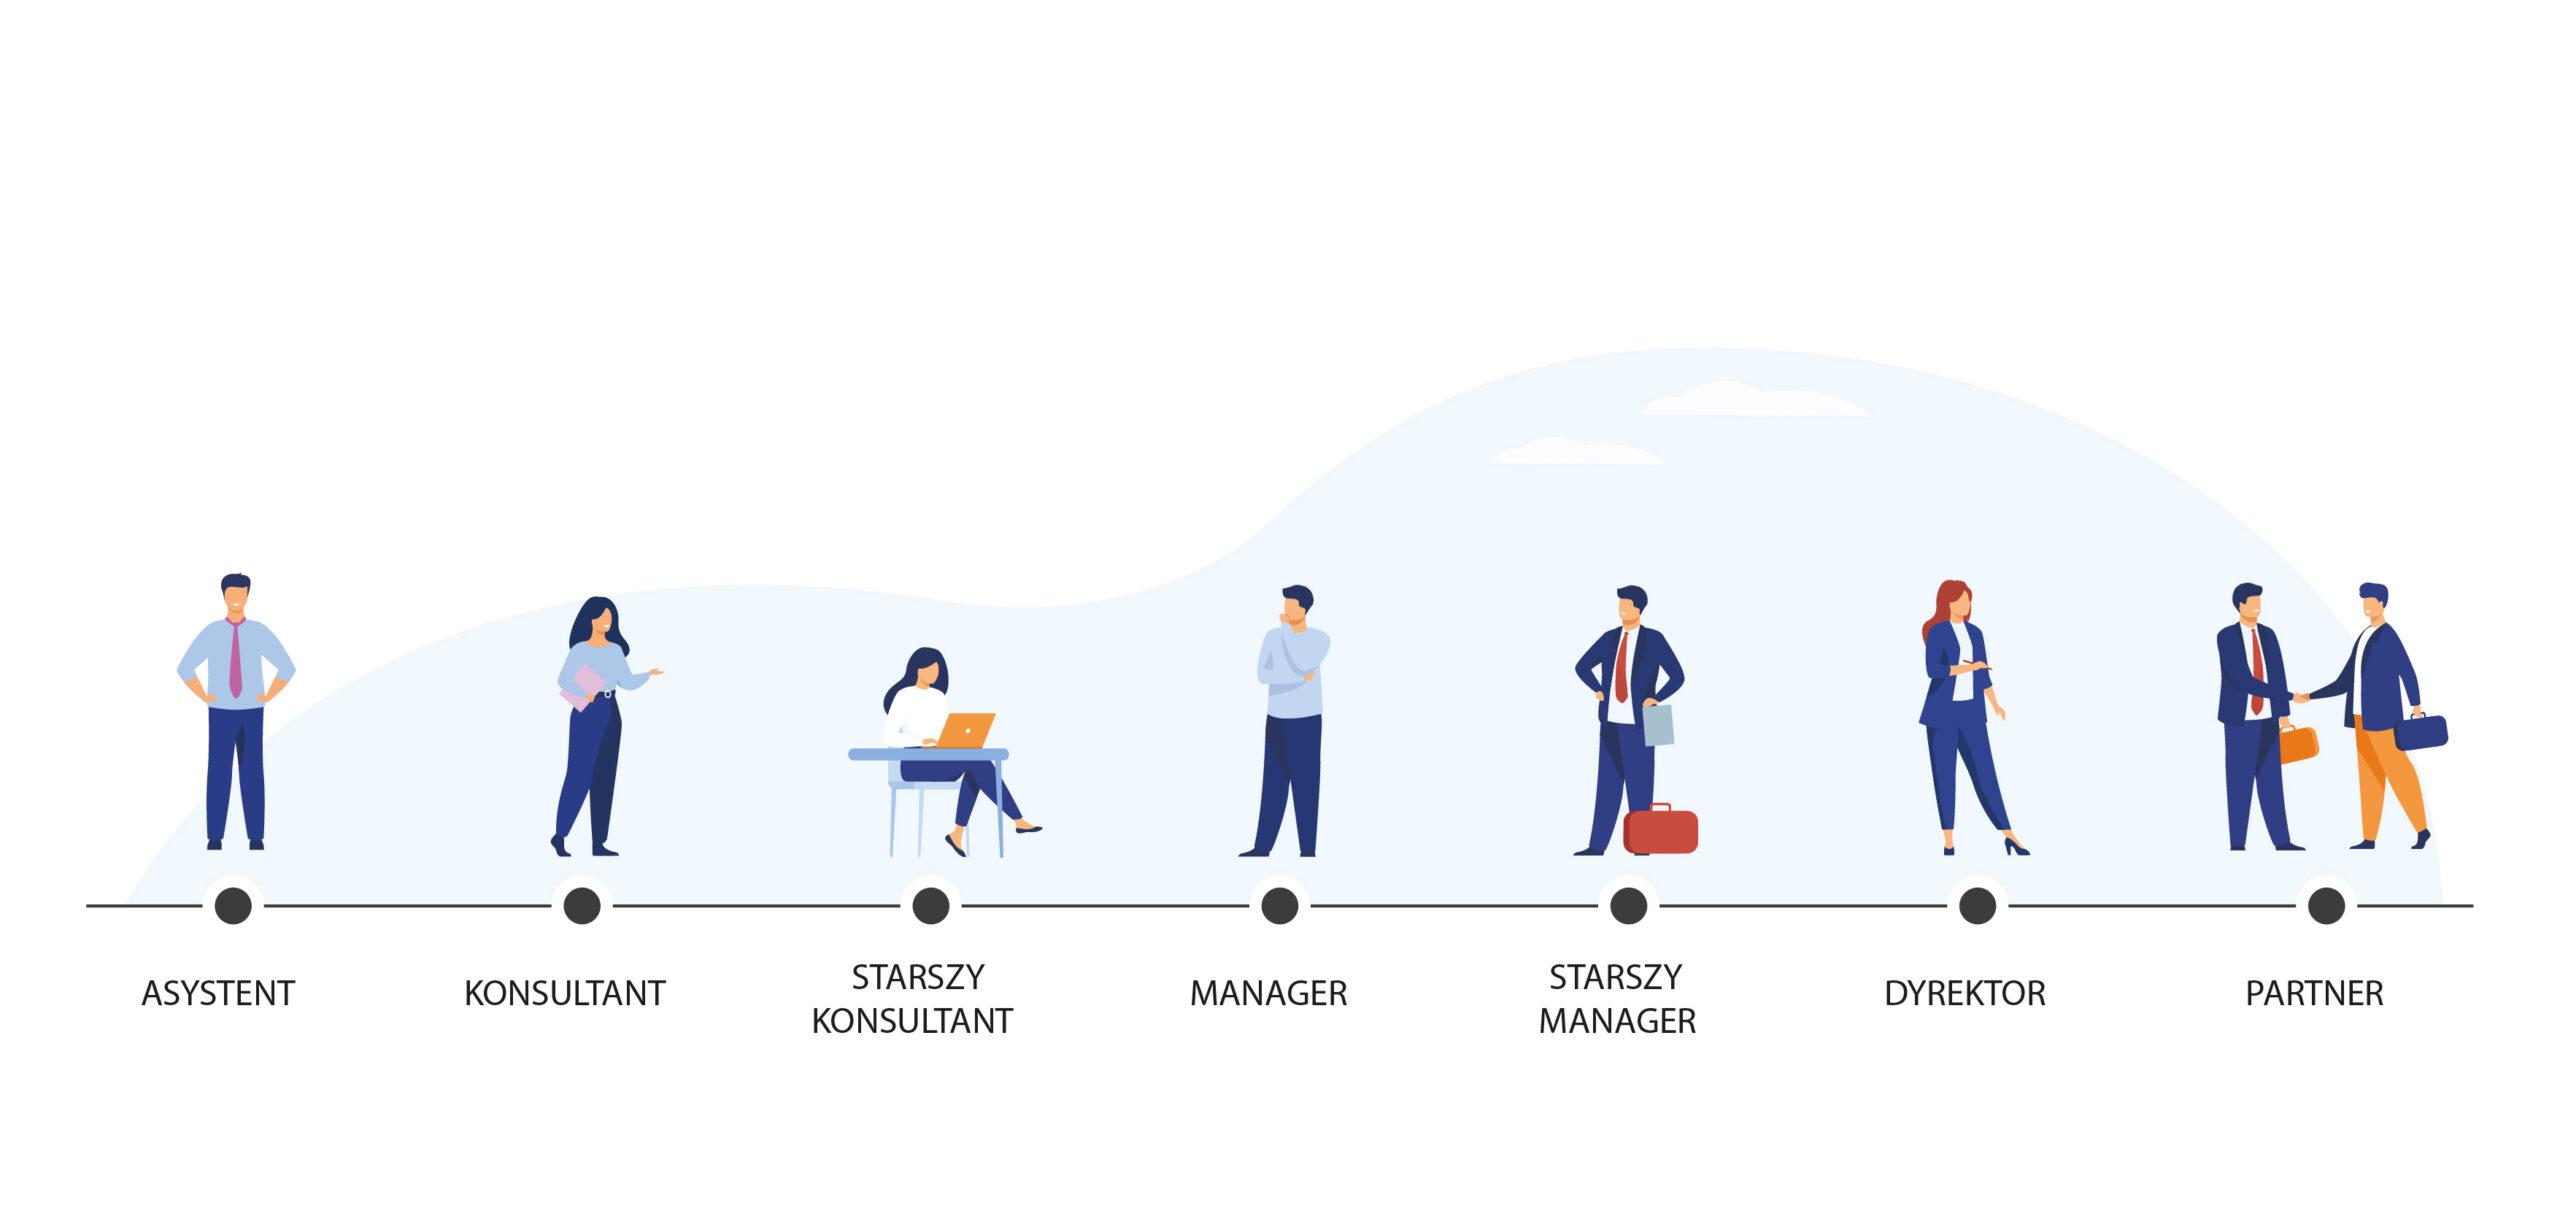 NTAX - Ścieżka rozwoju kariery